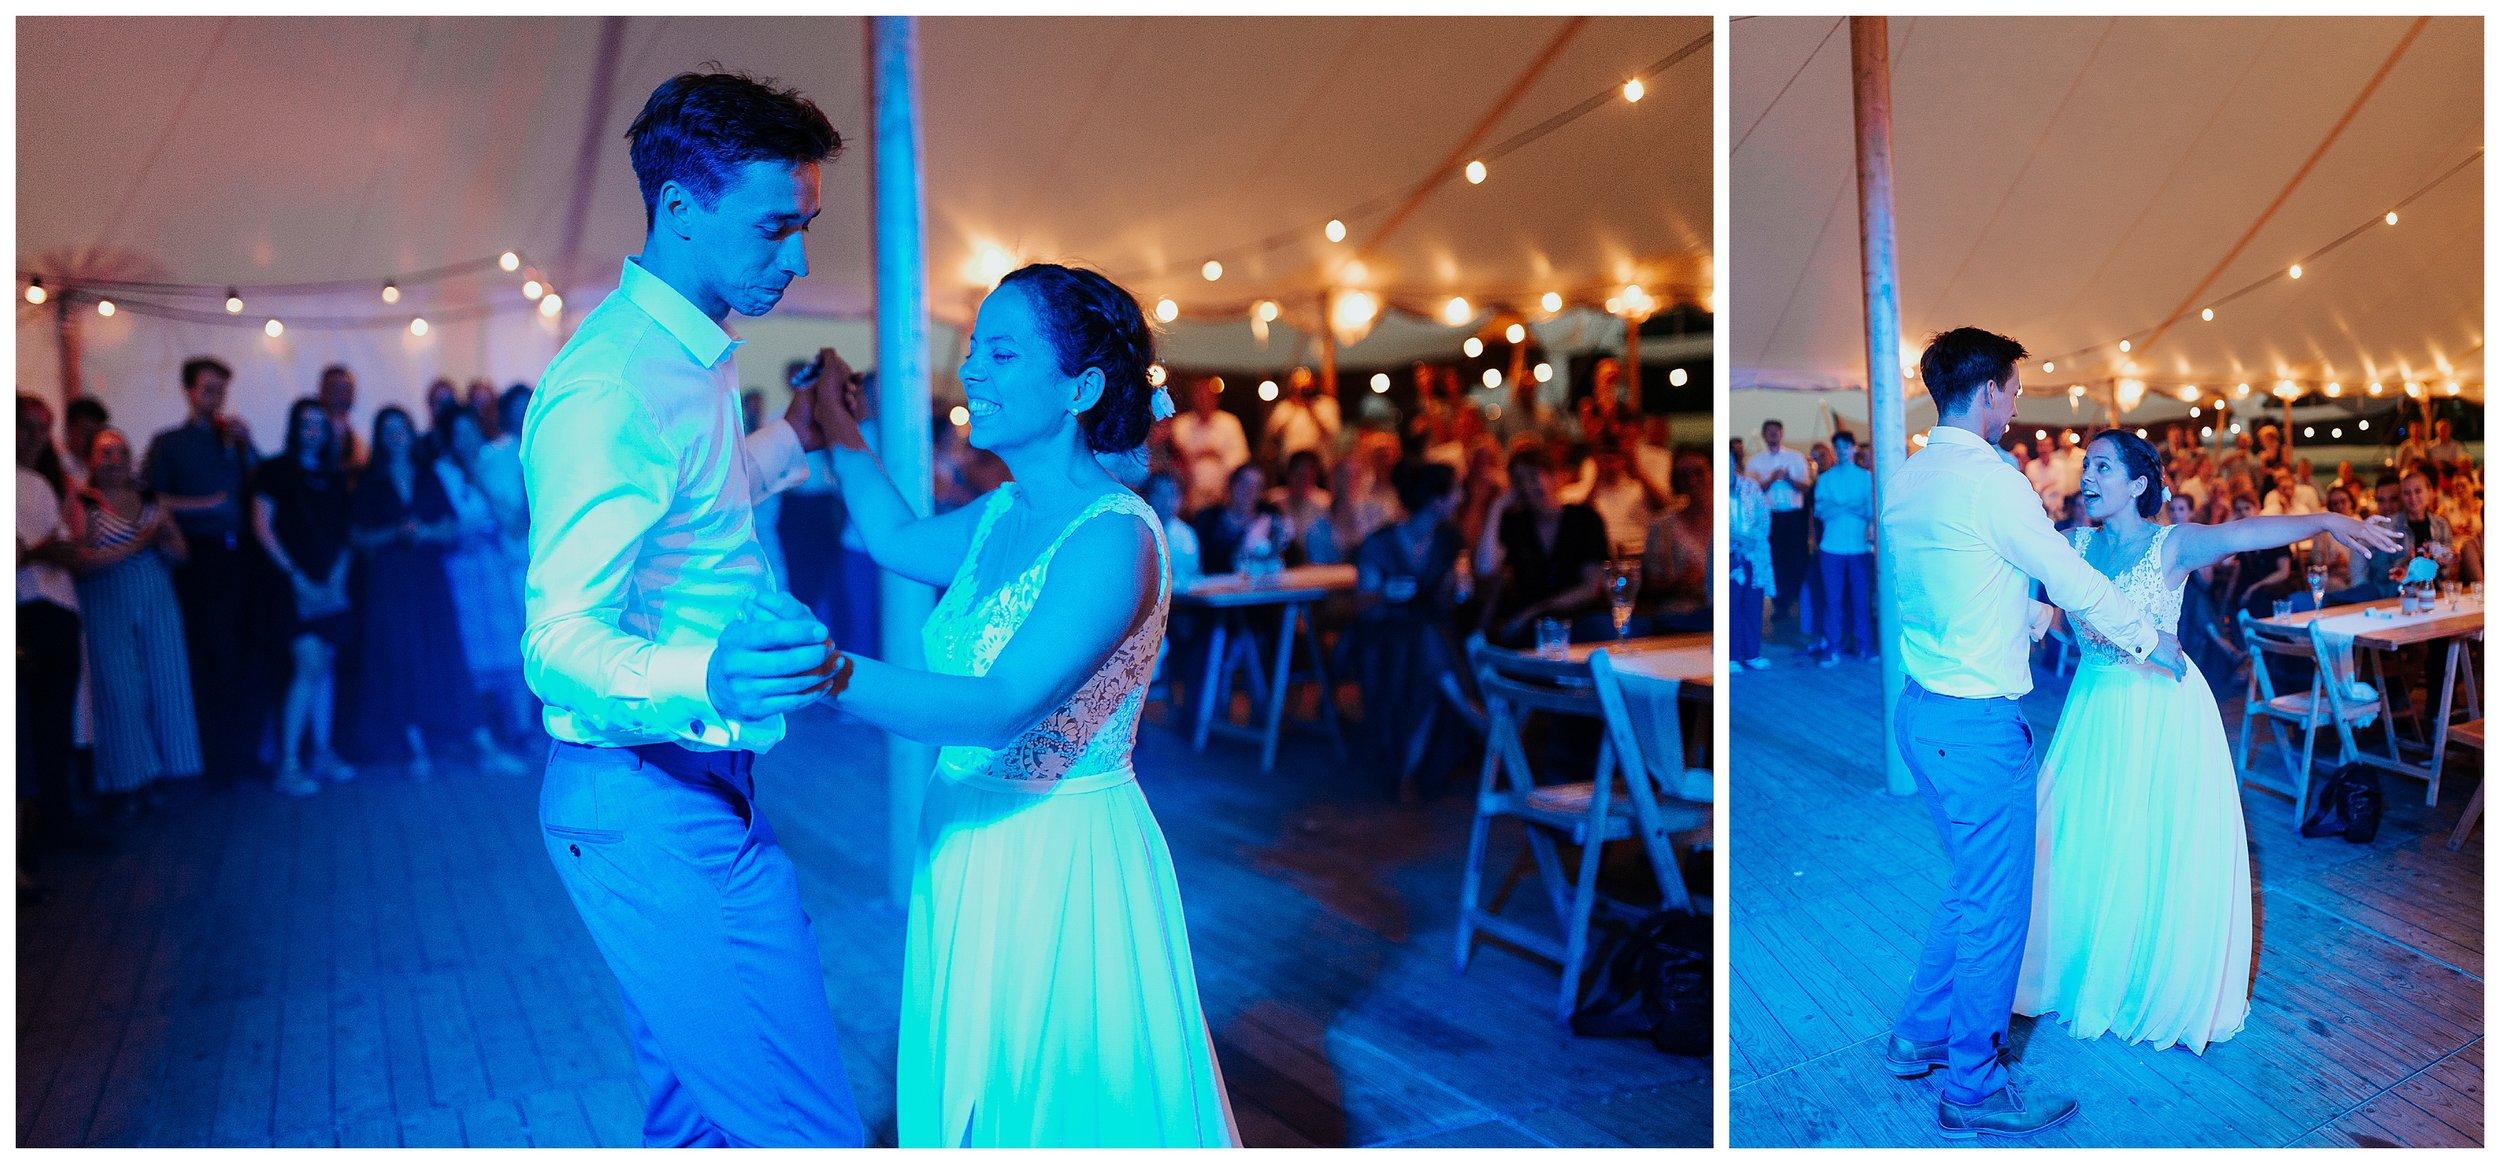 huwelijksfotograaf-huwelijksfotografie-knokke-heist-lisa-helsen-photography-trouwfotograaf-trouwfoto-sabine-pieter_0044.jpg